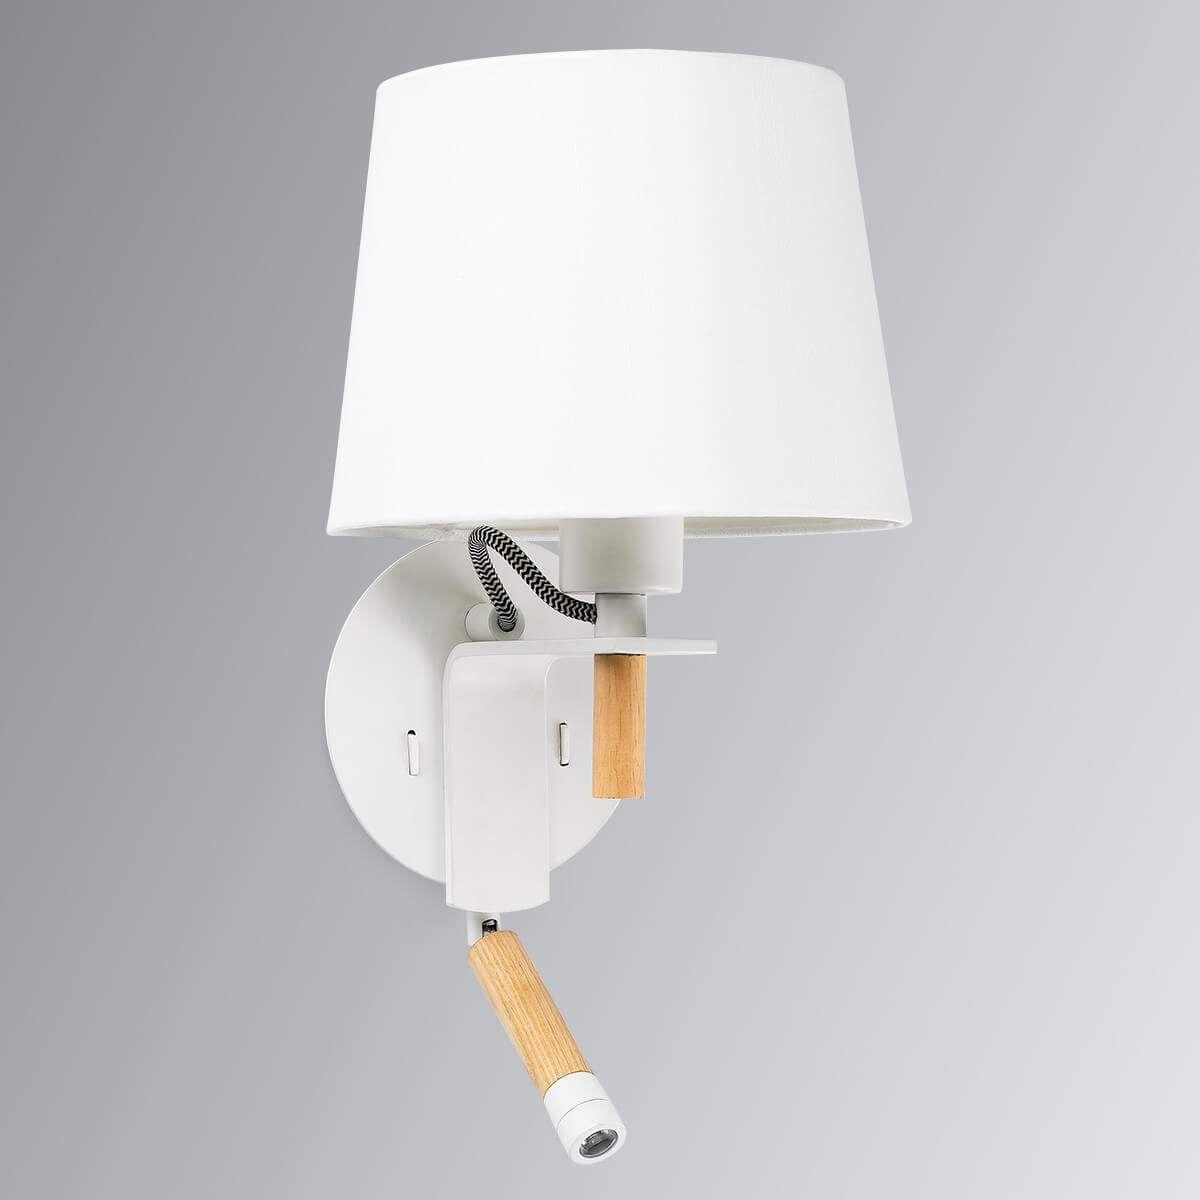 Moderne Deckenleuchte Von Lampenwelt Com Grau Deckenstrahler Led Deckenstrahler Und Beleuchtung Decke